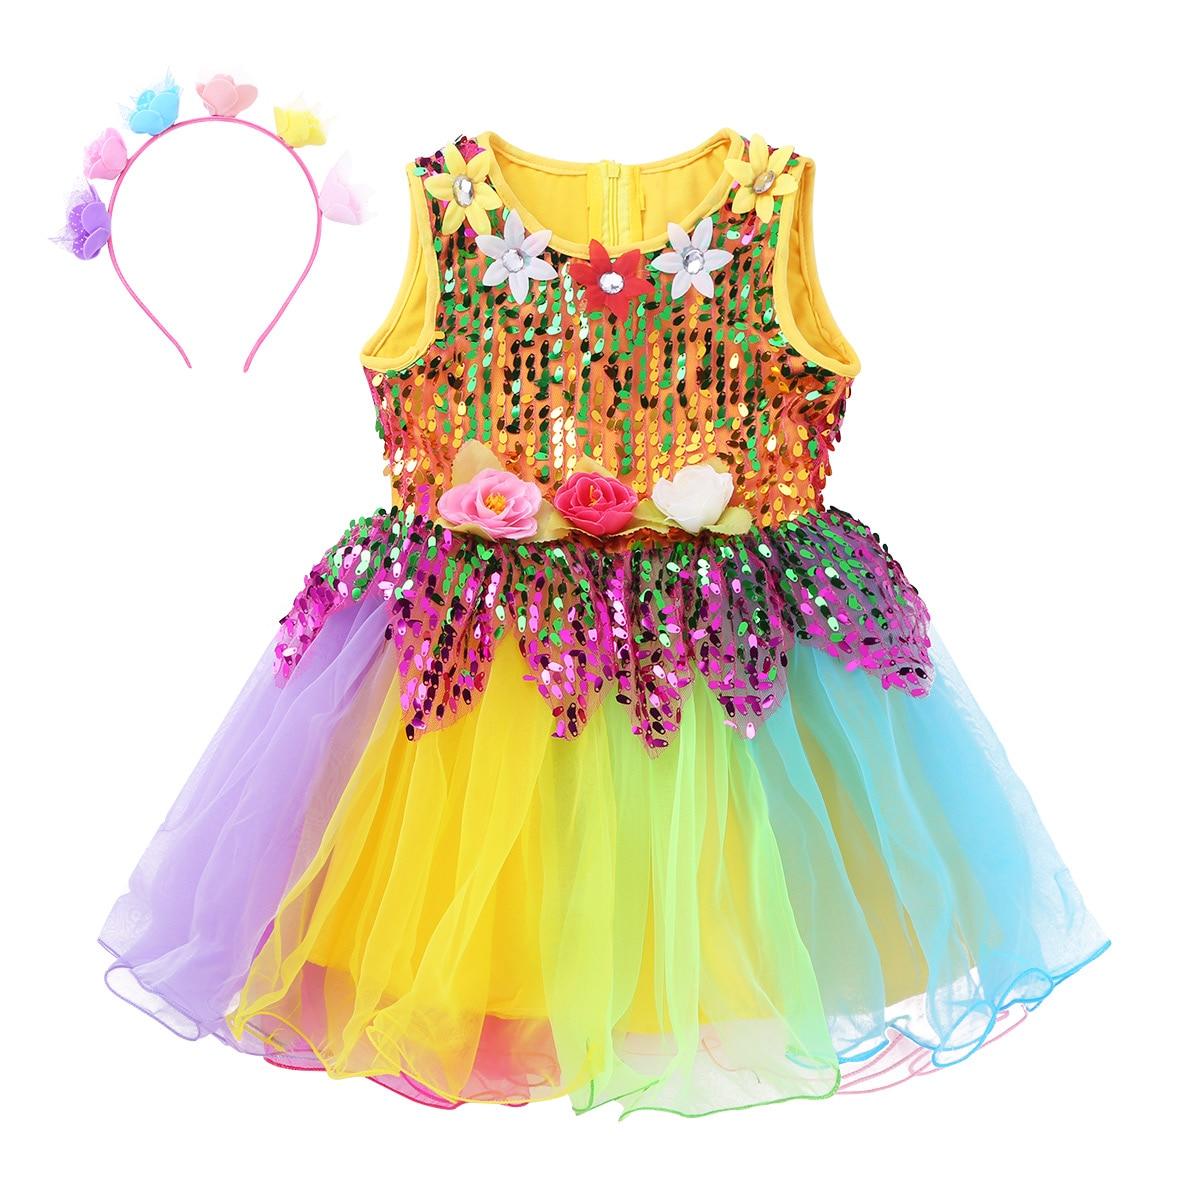 Детское фатиновое балетное платье без рукавов с блестками для девочек платье для латинских танцев с цветами и радугой Одежда для девочек сценическое платье